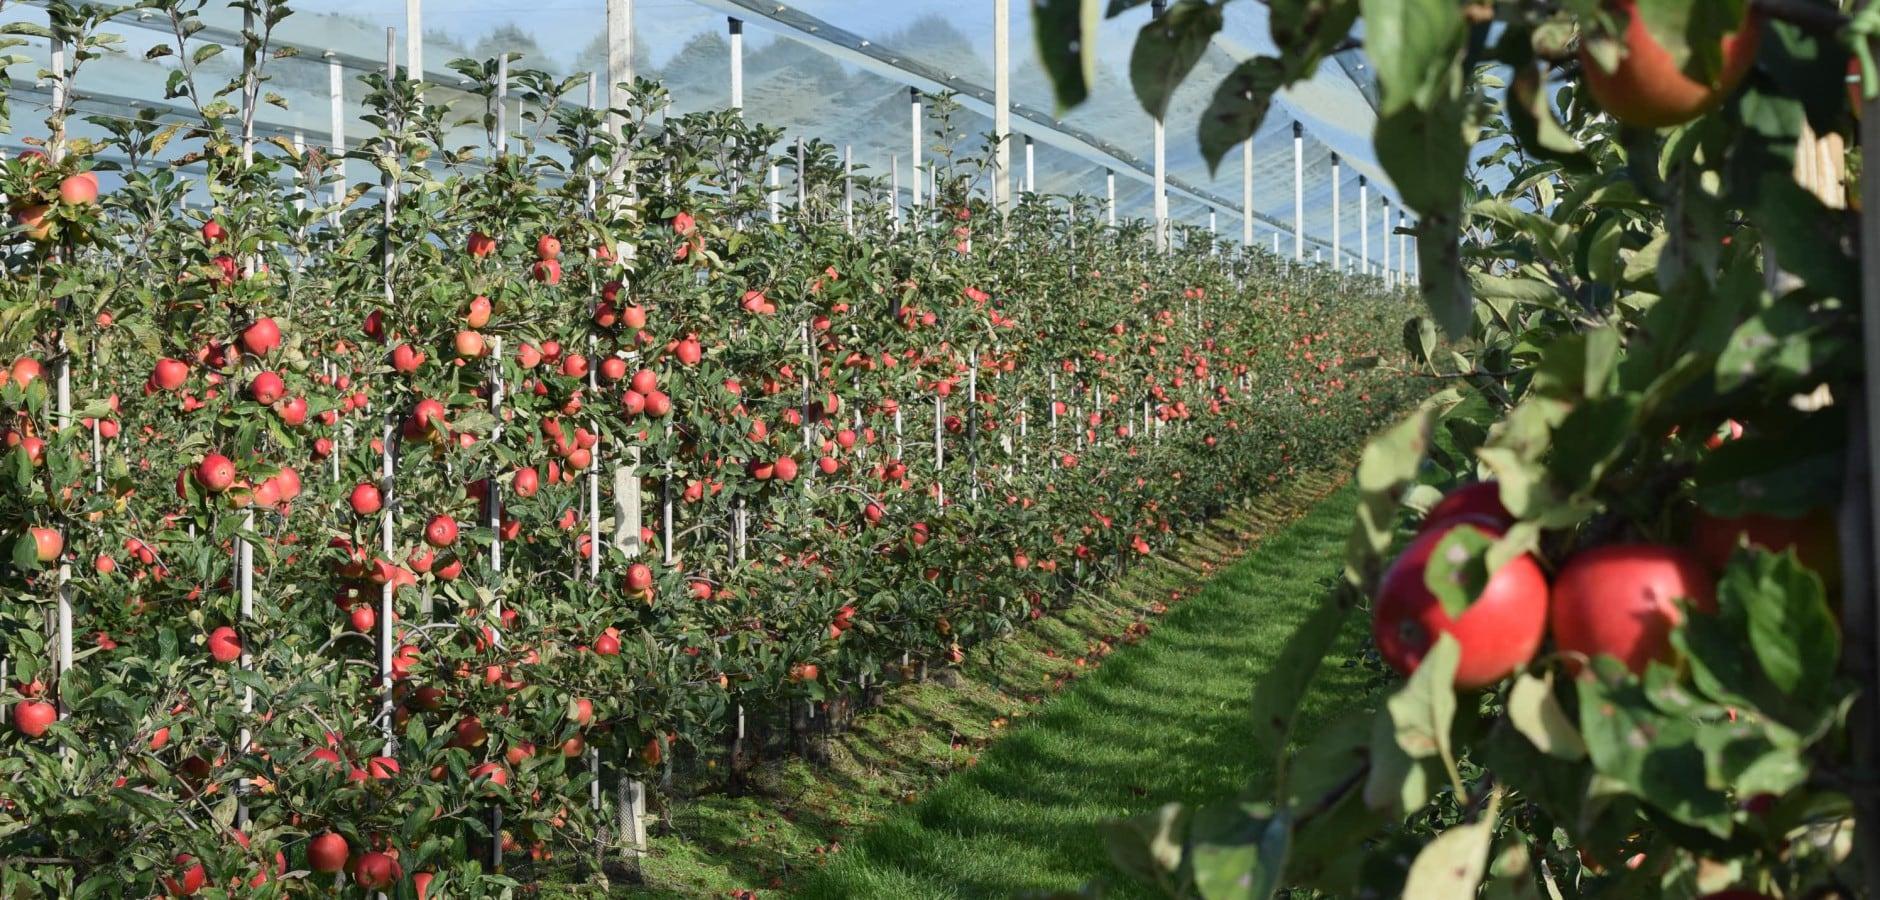 Fruitgrowing